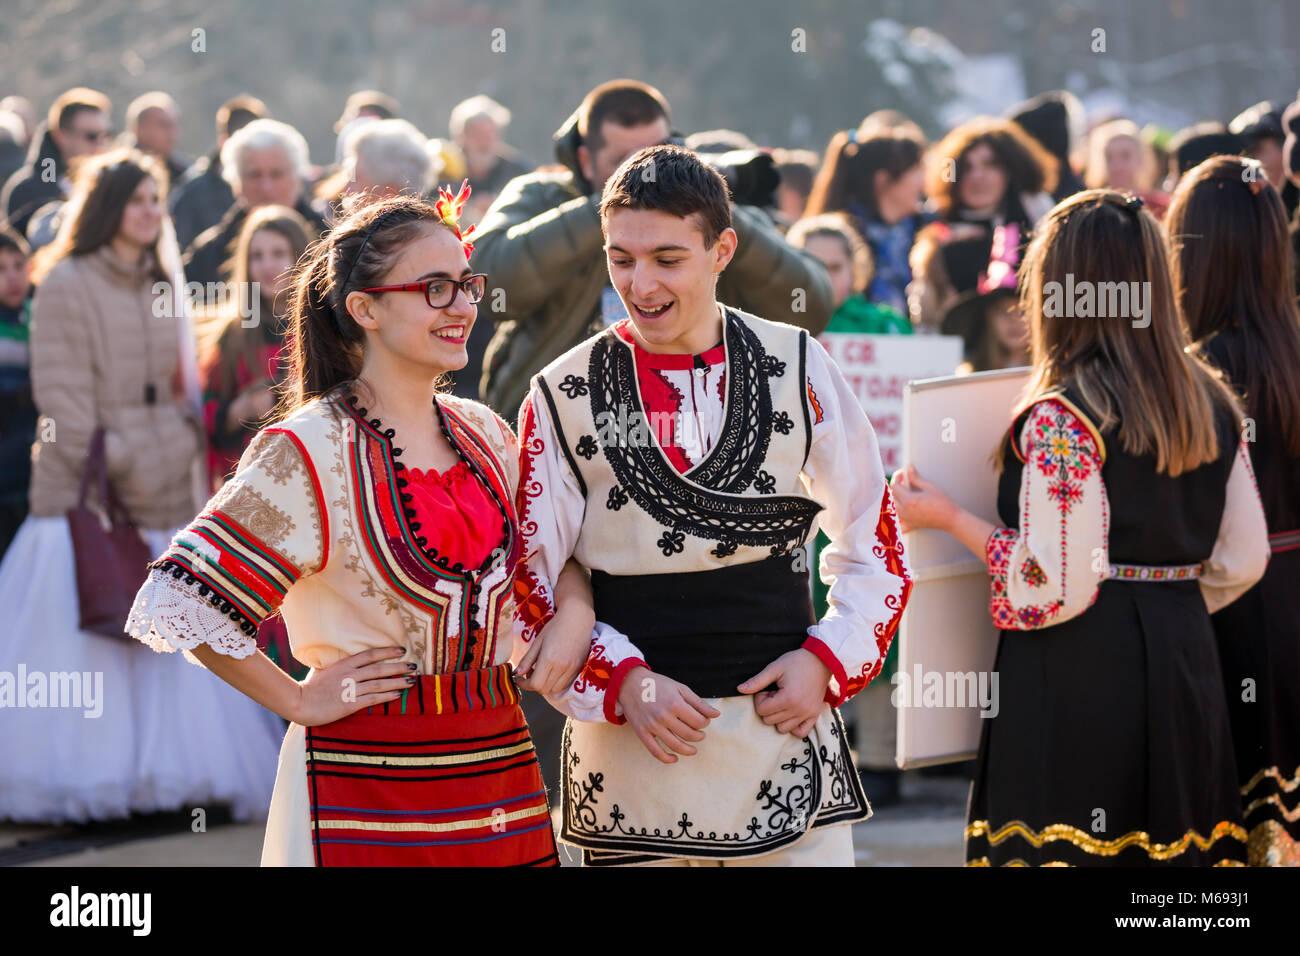 PERNIK, BULGARIE - 26 janvier 2018   Deux danseurs en costumes folkloriques  bulgares, des 89d1910cb78